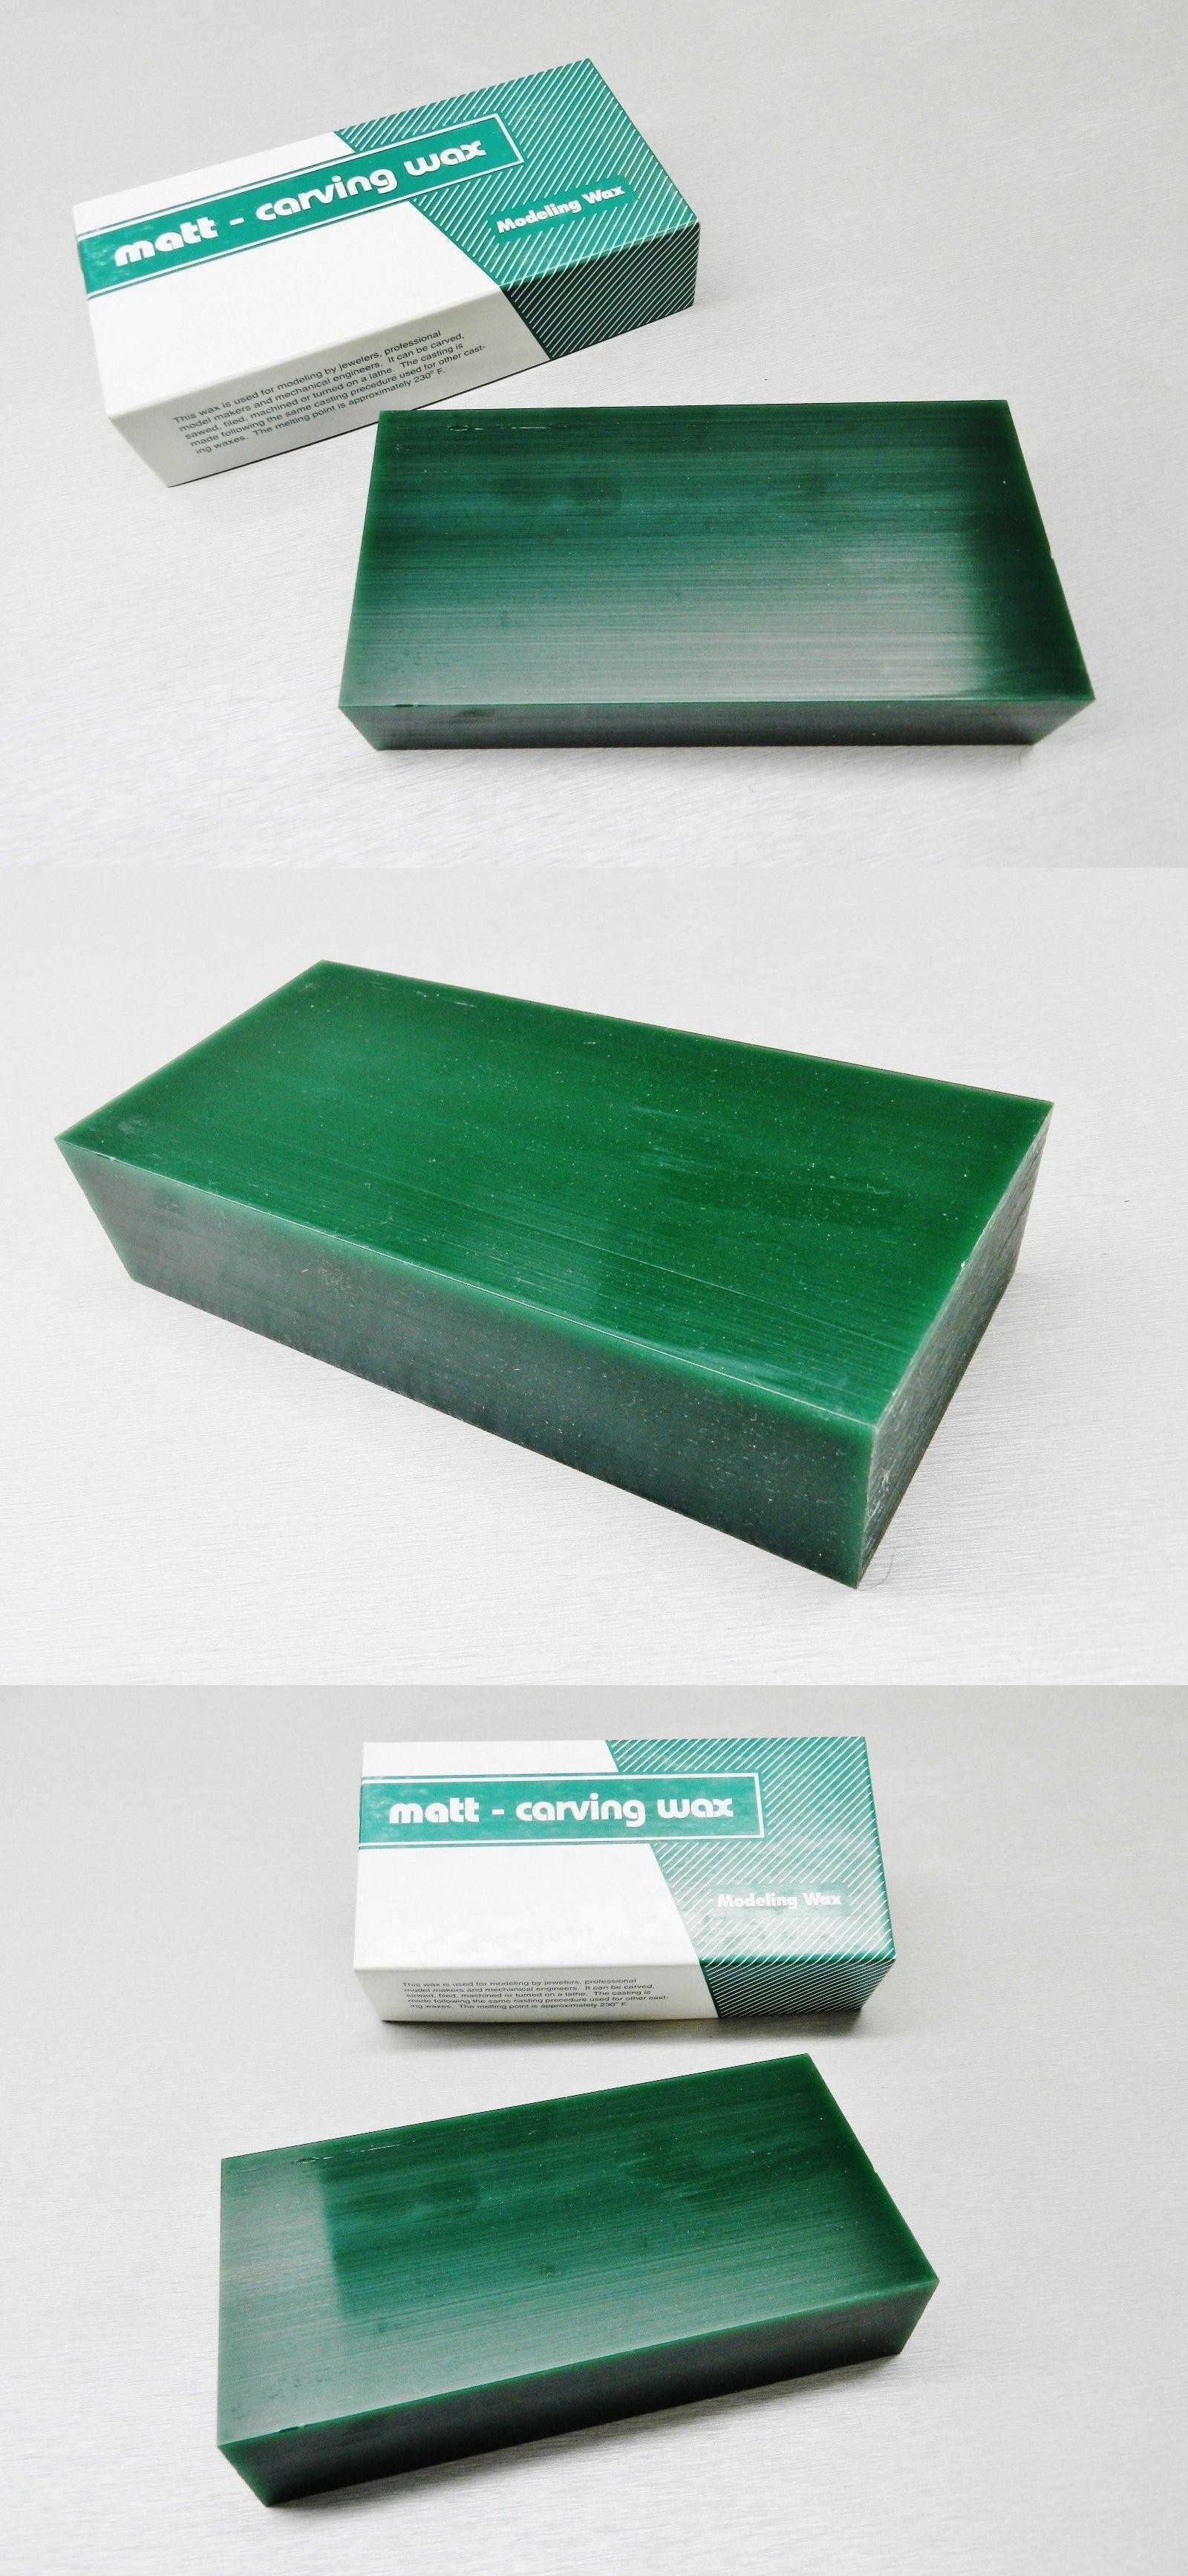 Casting Tools 179254: Matt Carving Wax Block Green 1 Pound